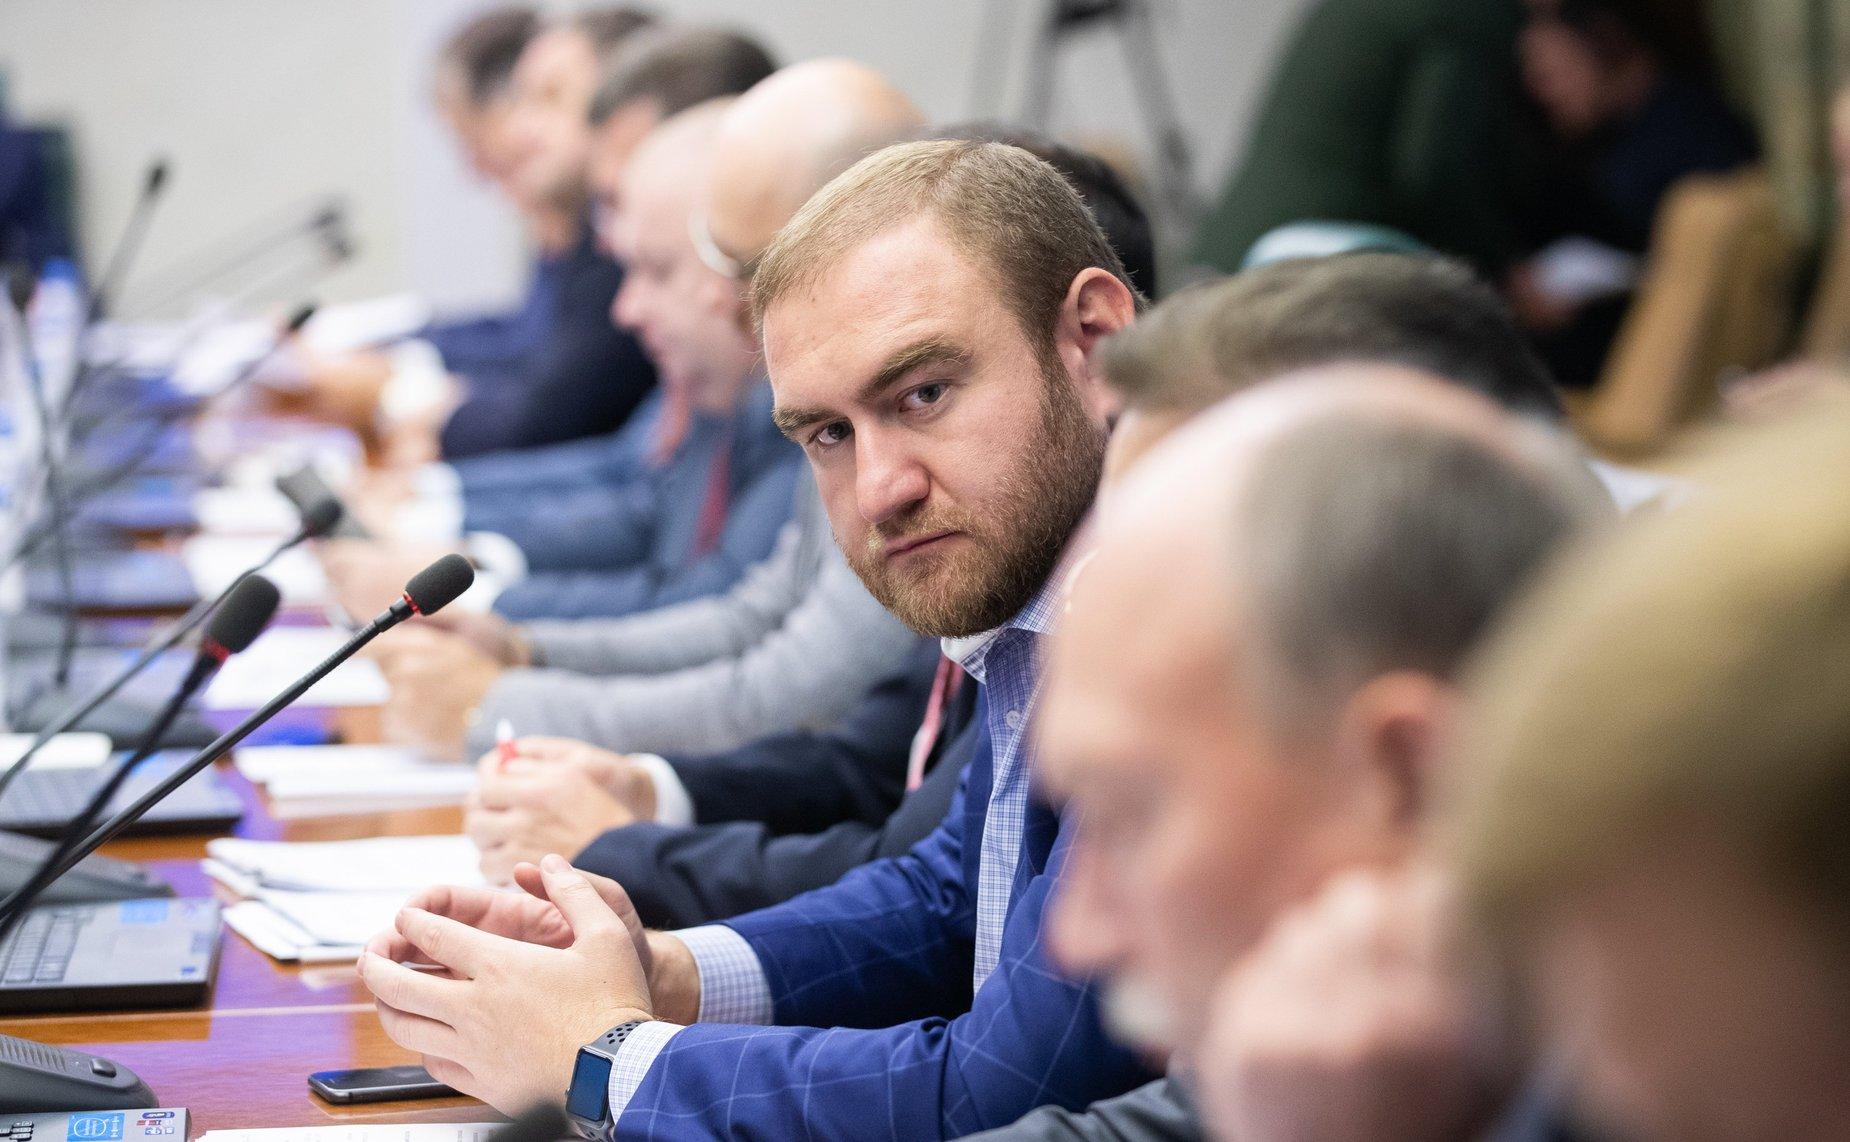 1-10-1 Зэвсгийн наймаа, аллагын хэрэгт сэжиглэгдсэн Оросын Төрийн ДУМ-ын гишүүн баривчлагджээ